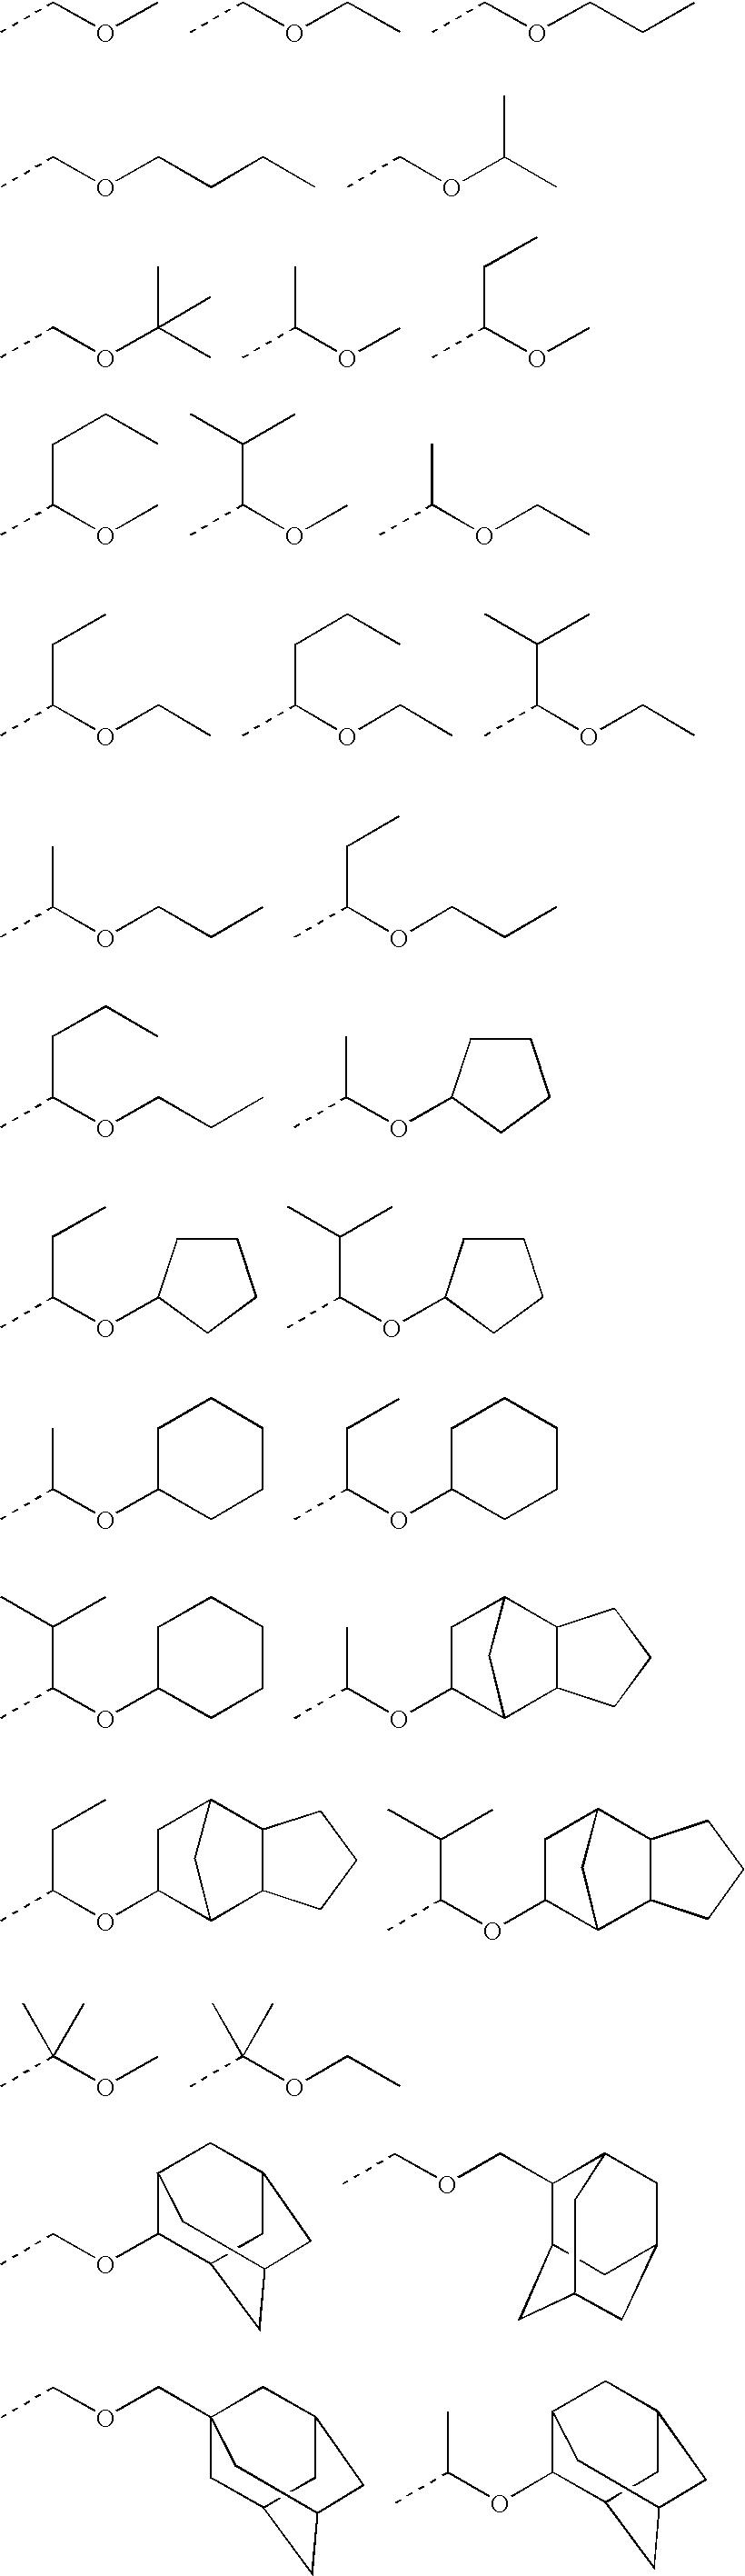 Figure US07537880-20090526-C00005